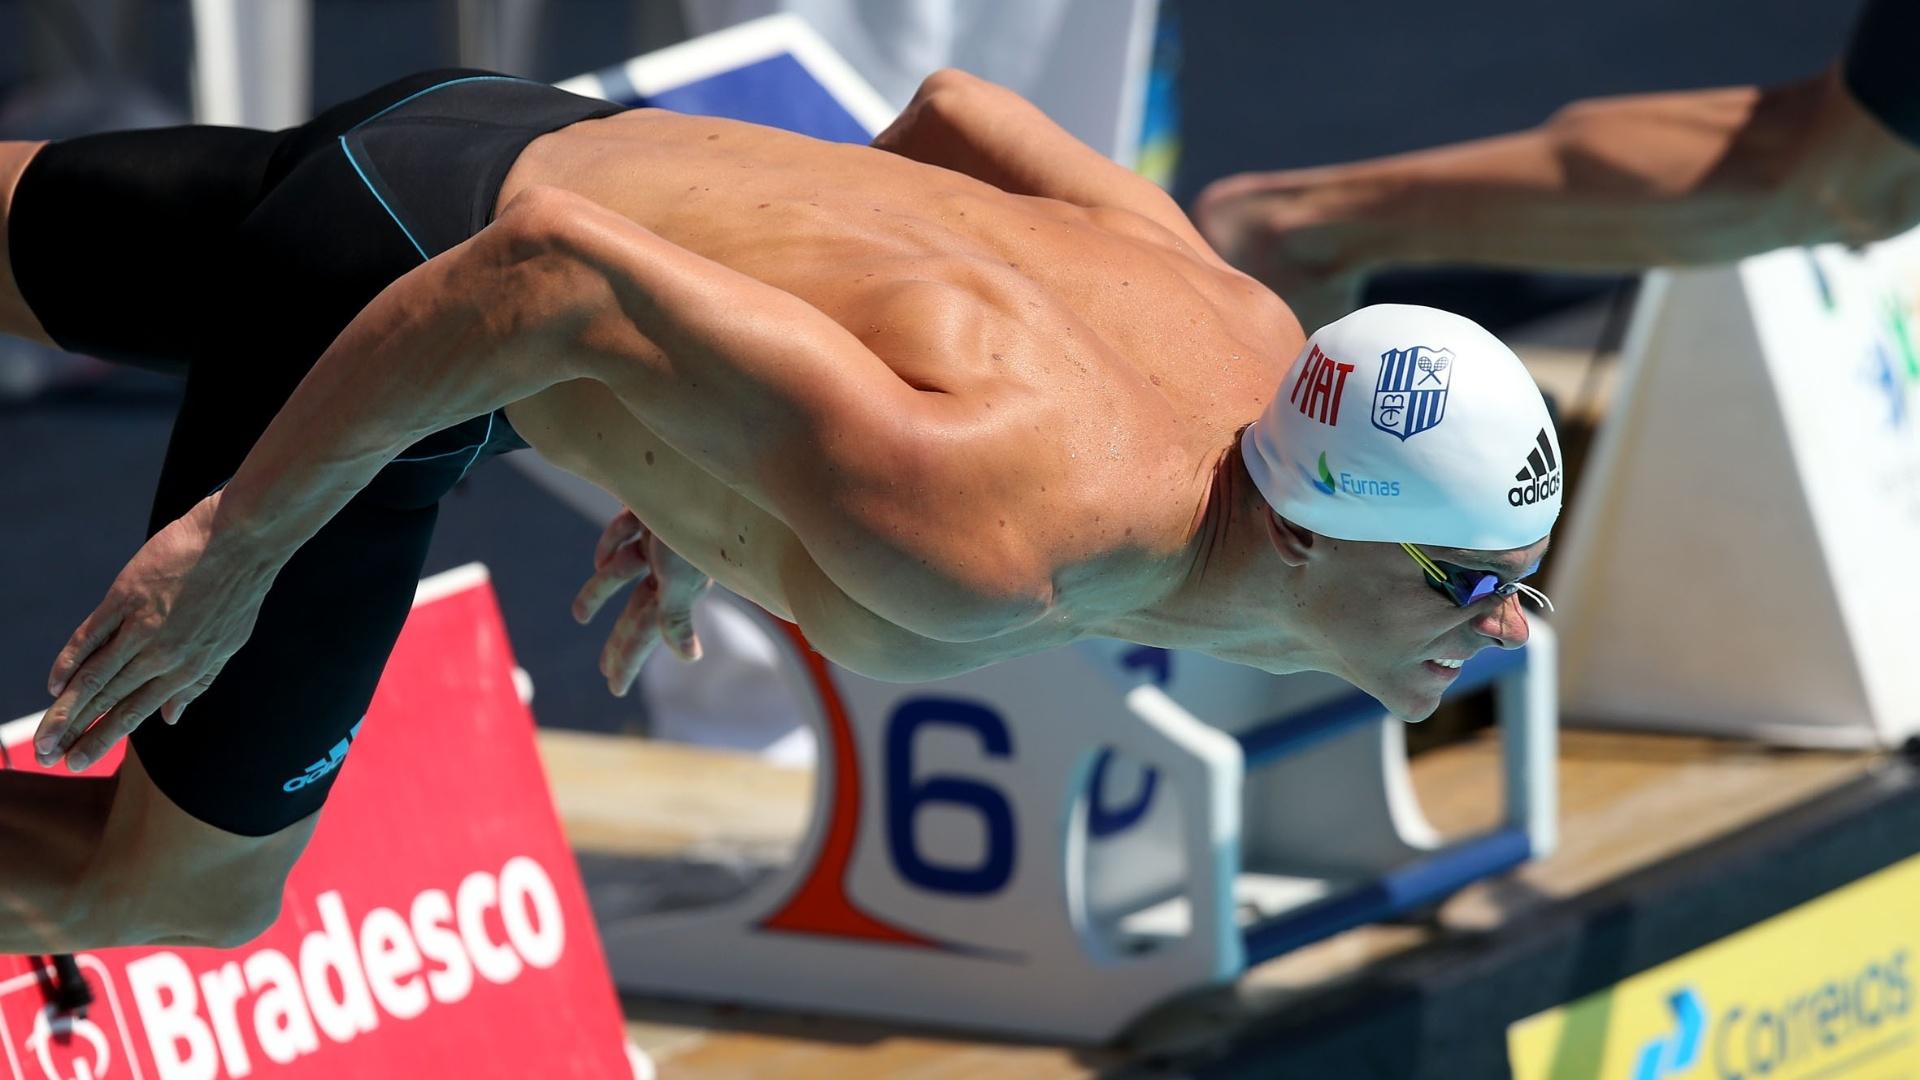 17 dez. 2014 - Cesar Cielo compete pelo Minas Tênis na prova dos 50m borboleta, no Torneio Open disputado no Rio de Janeiro